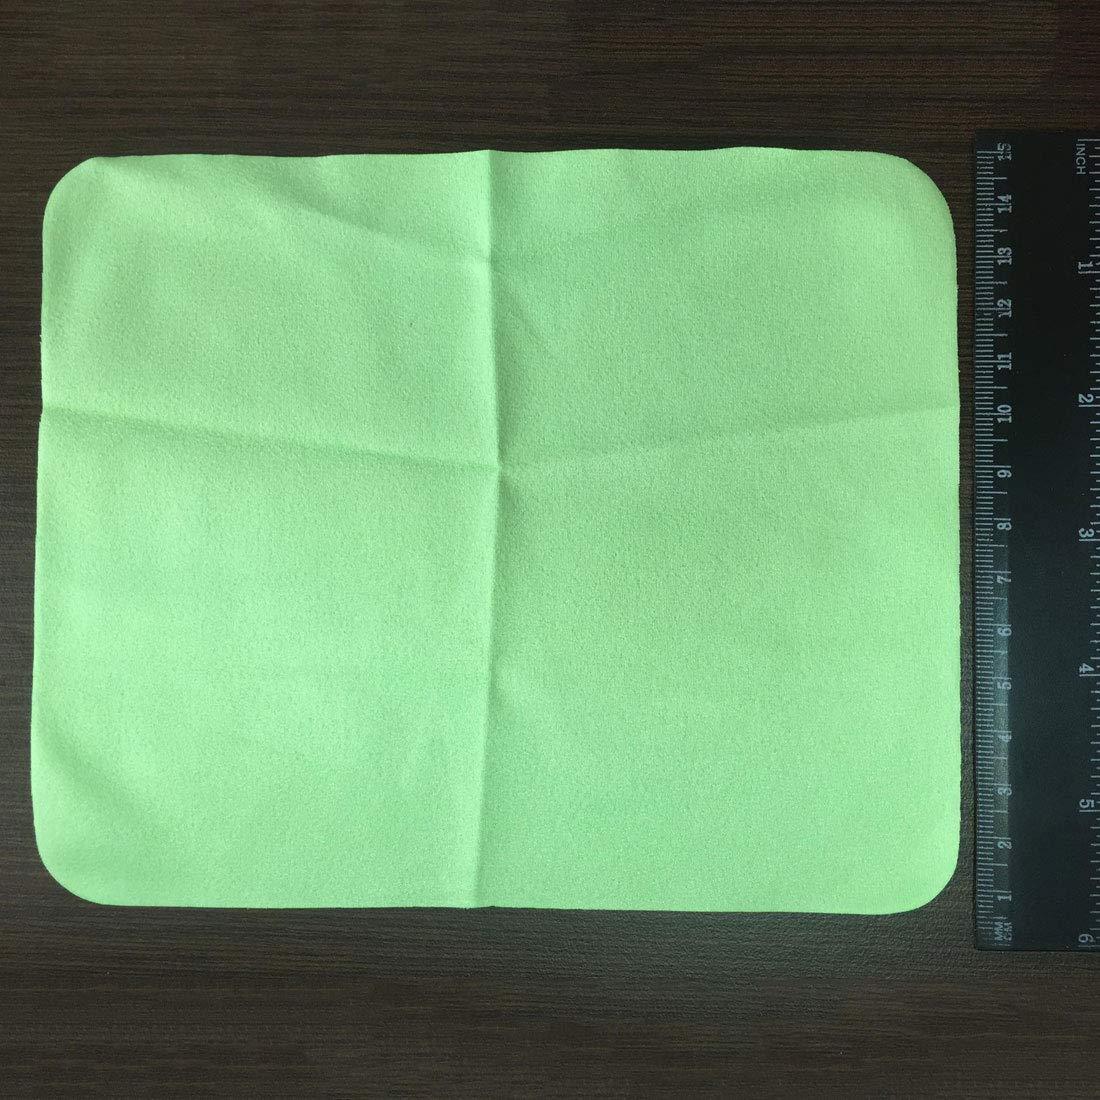 uu19ee Lentes de Limpieza pa/ño de Microfibra Toalla de Cocina pa/ño de Limpieza Gafas de Gamuza Lentes de Limpieza